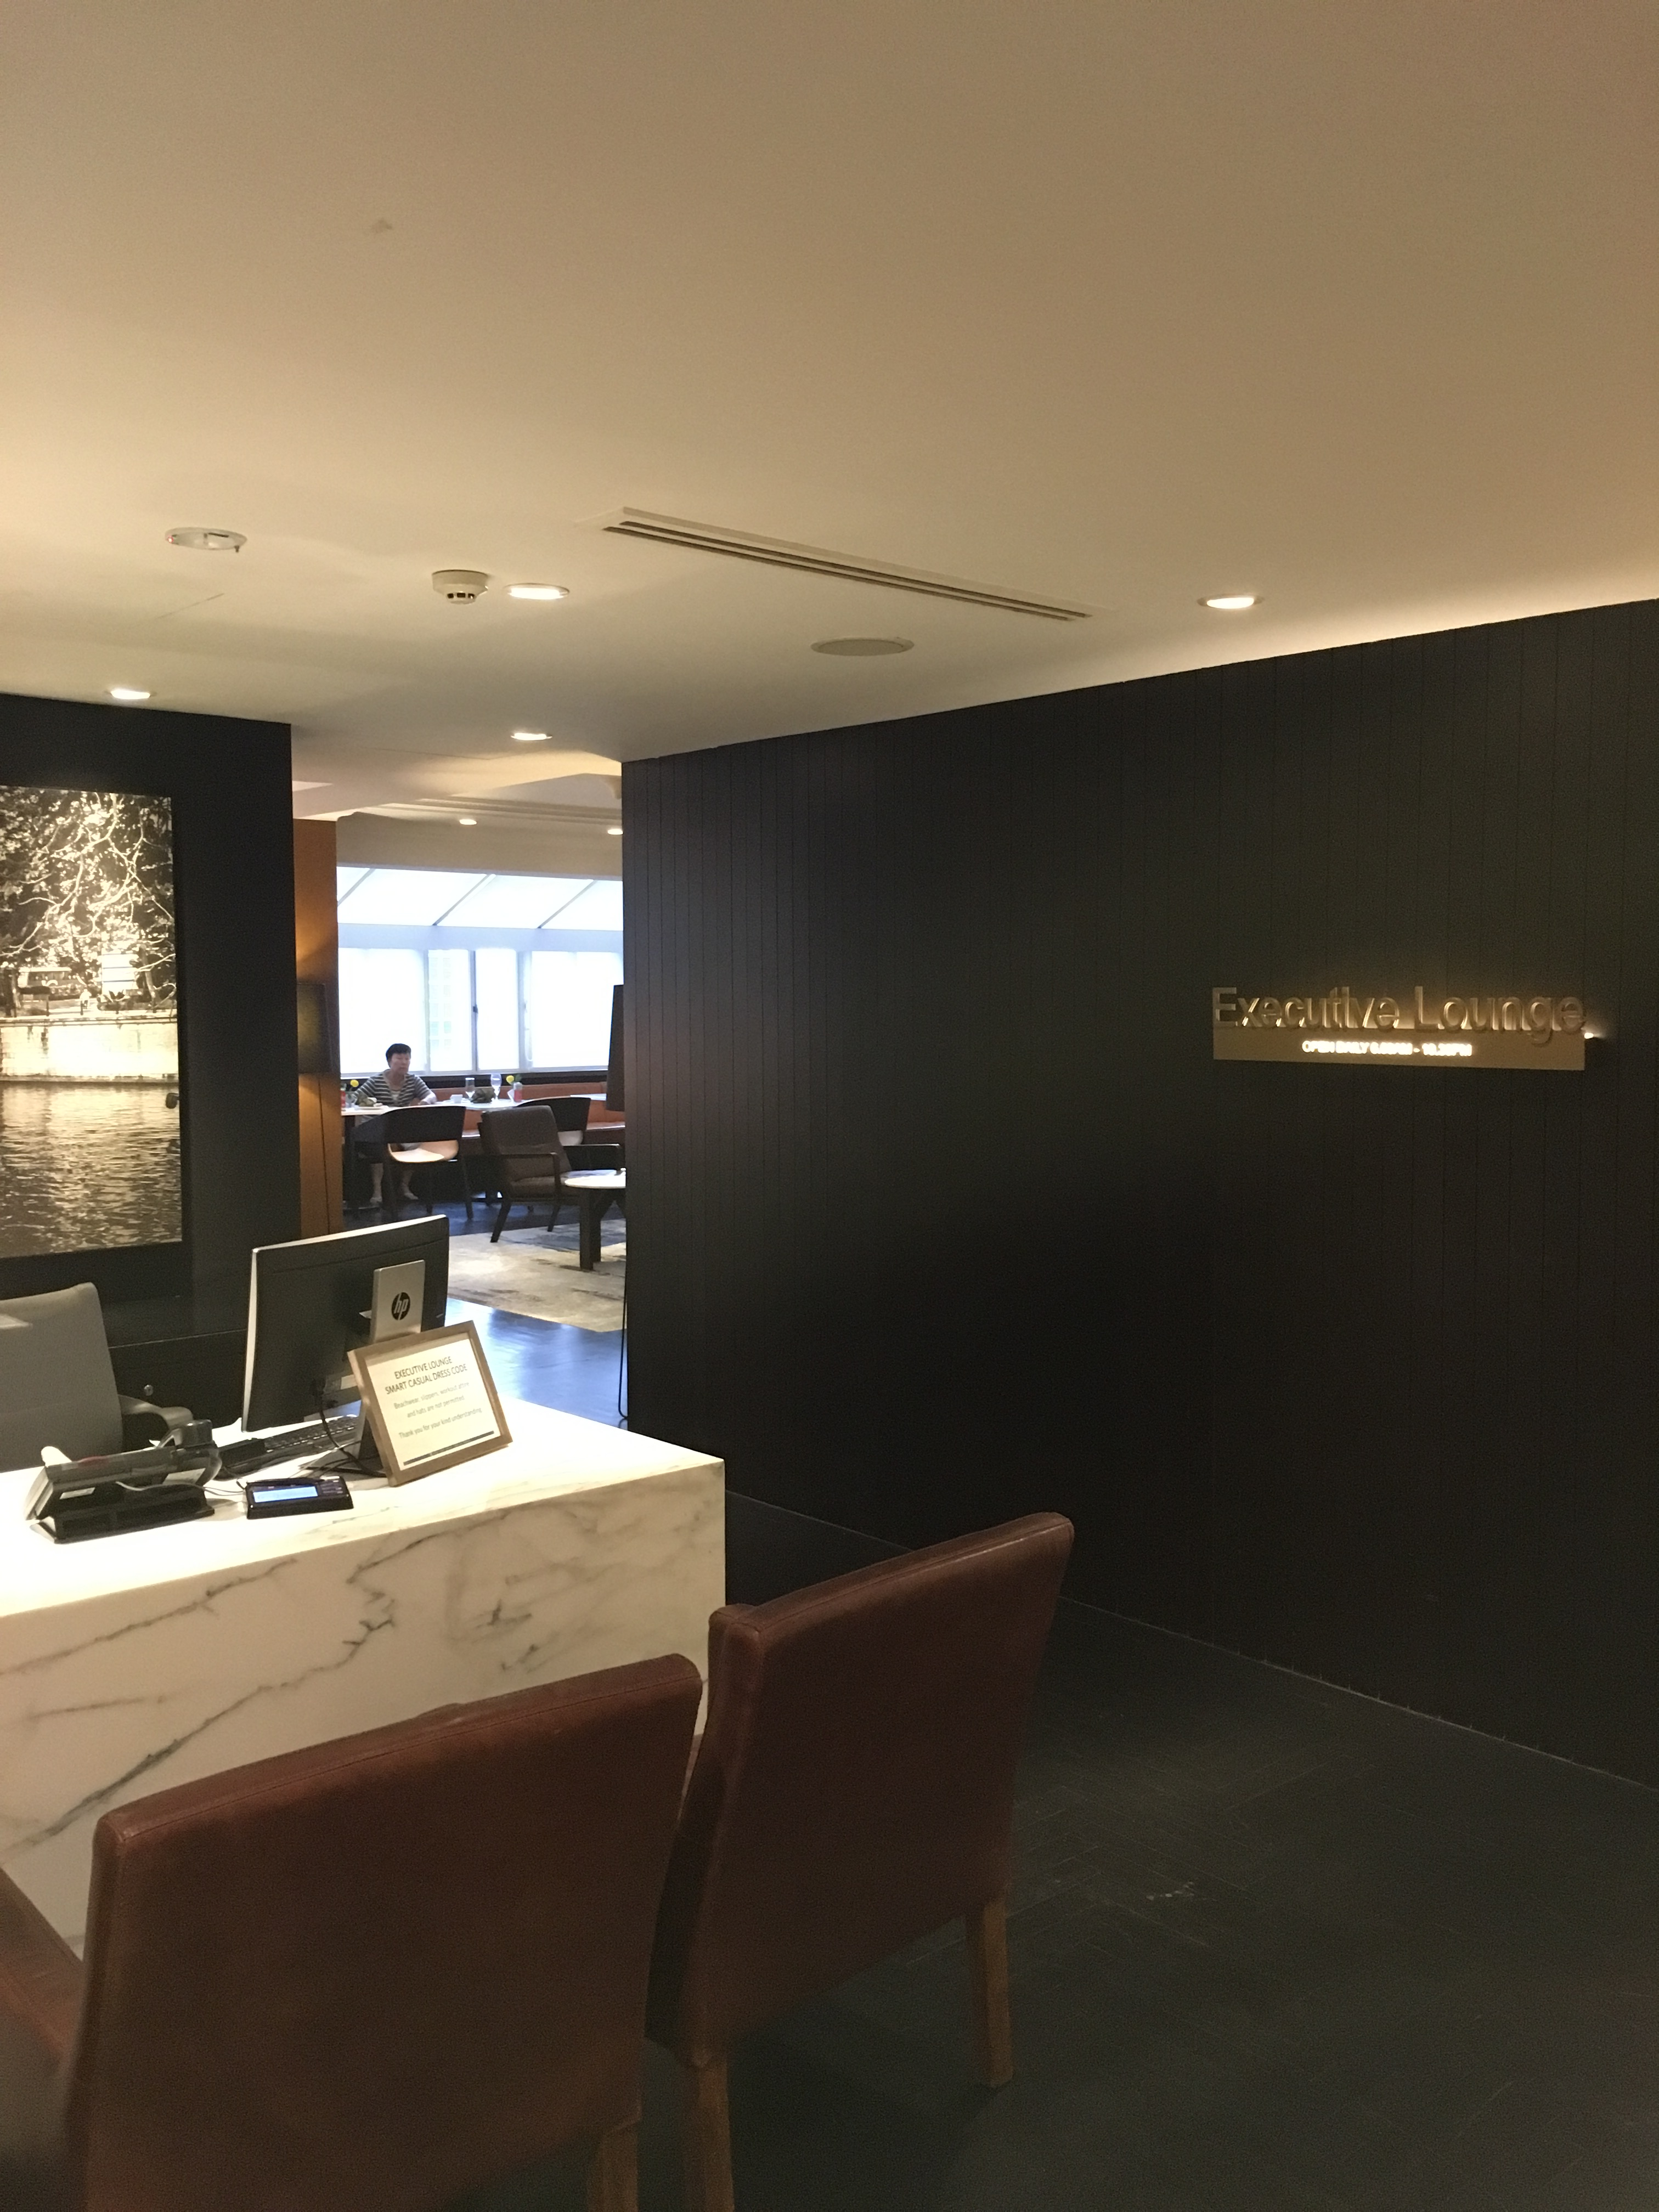 ヒルトン・ダイヤモンドステータスチャレンジ#3(ヒルトン シンガポール エグゼクティブスイート(Hilton Singapore Executive Suite Room))